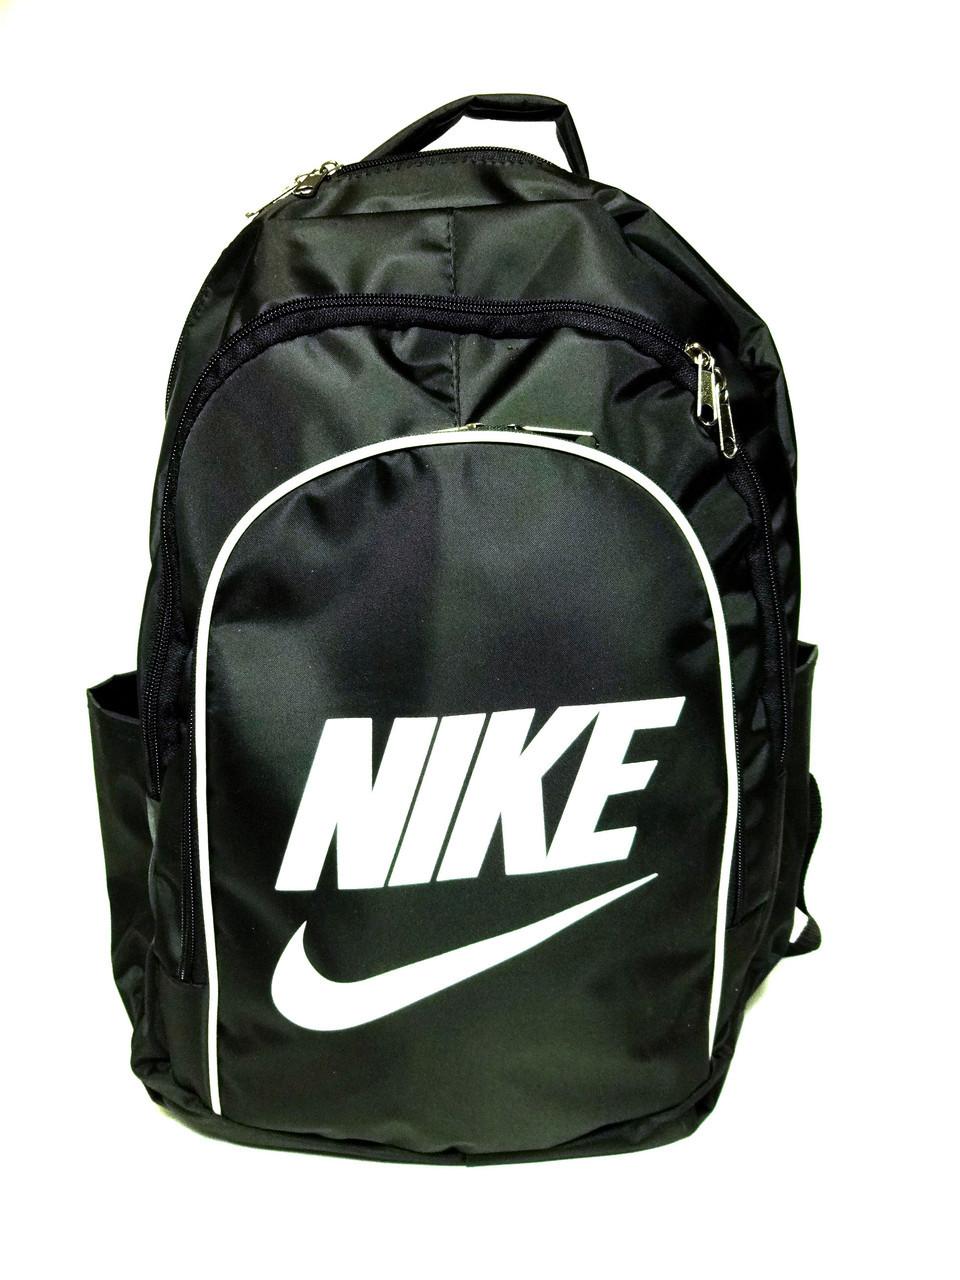 a66e20cc Мужской спортивный и городской рюкзак Nike ( Найк) непромокаемый 3  отделения. Черный с белым